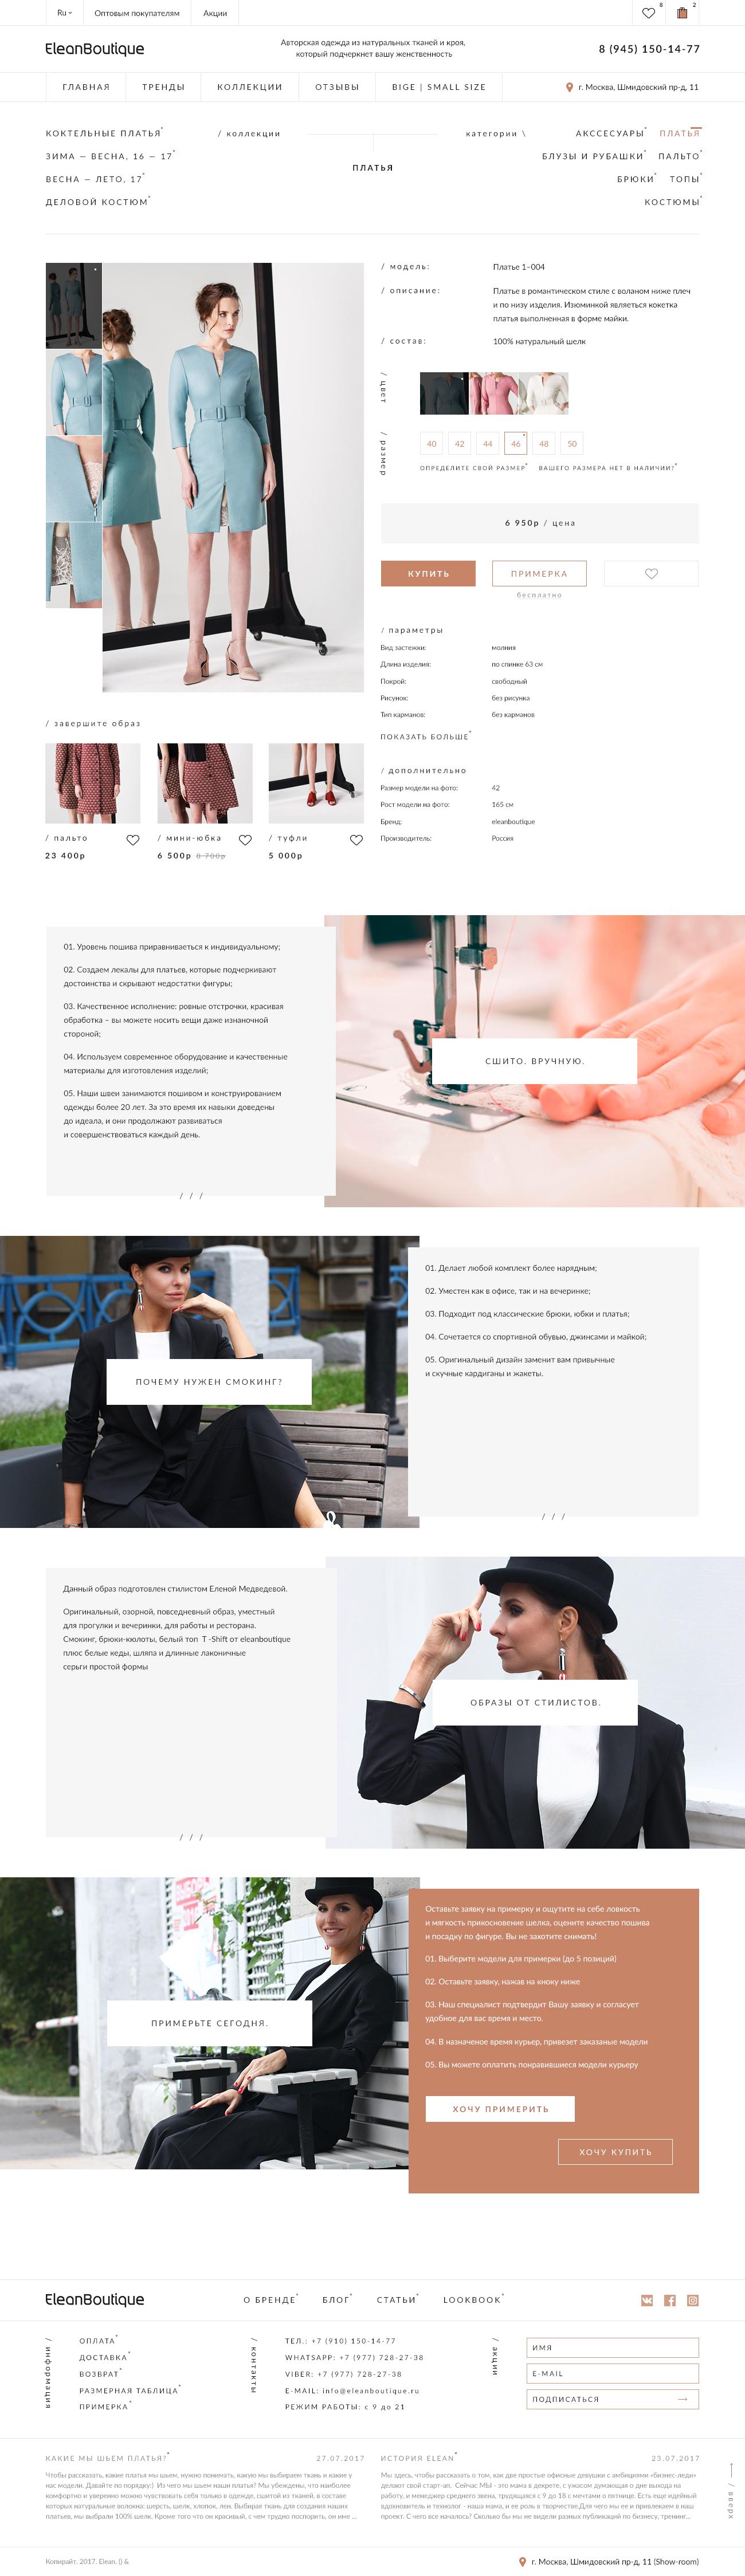 EleanBoutique (OpenCart)